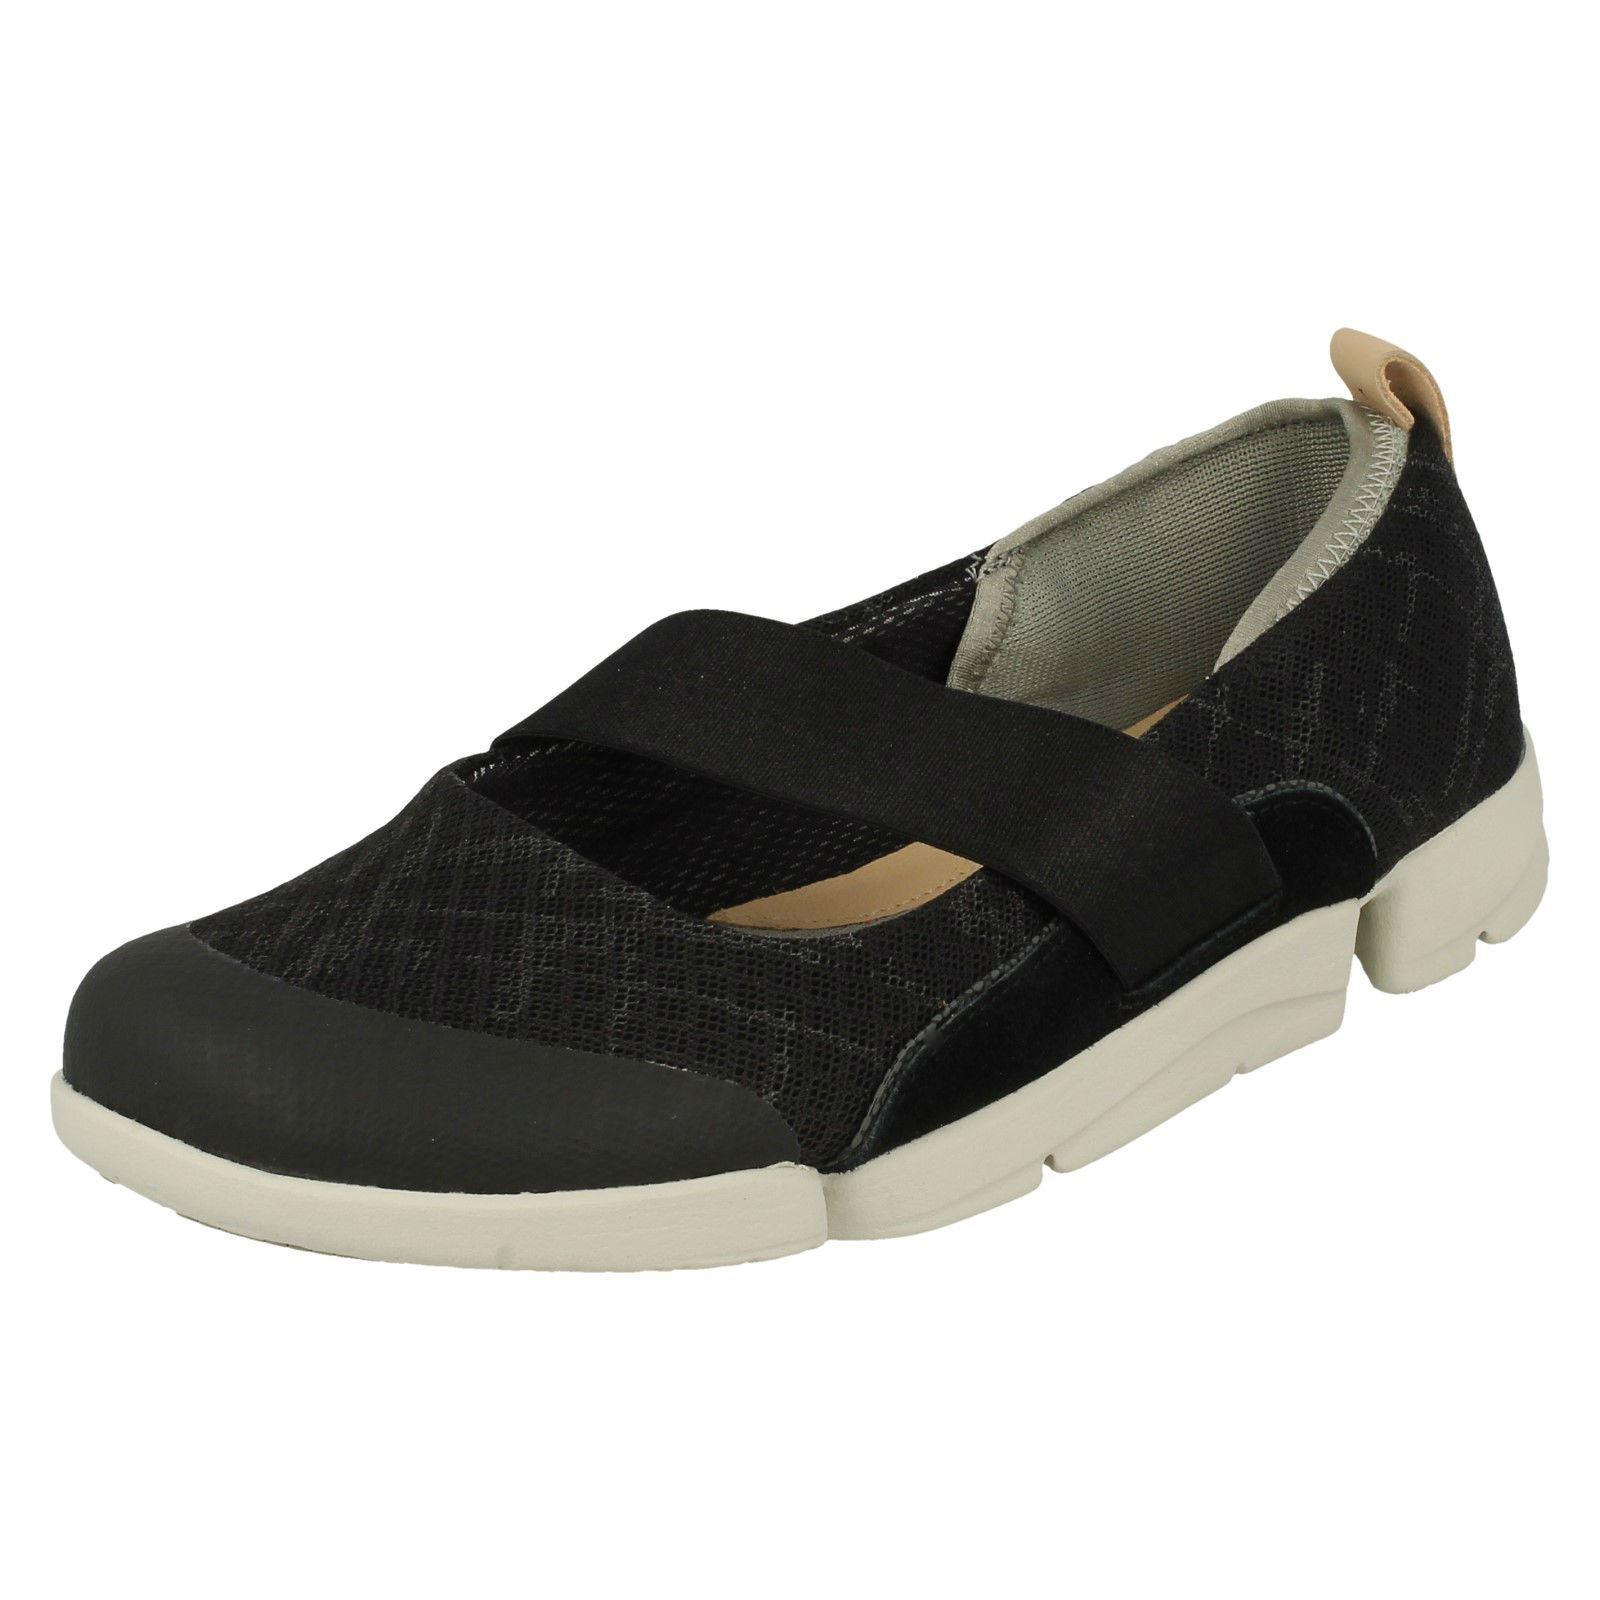 Clarks Drei Allie Damen Schwarz Kombi Sportlich Schuhe